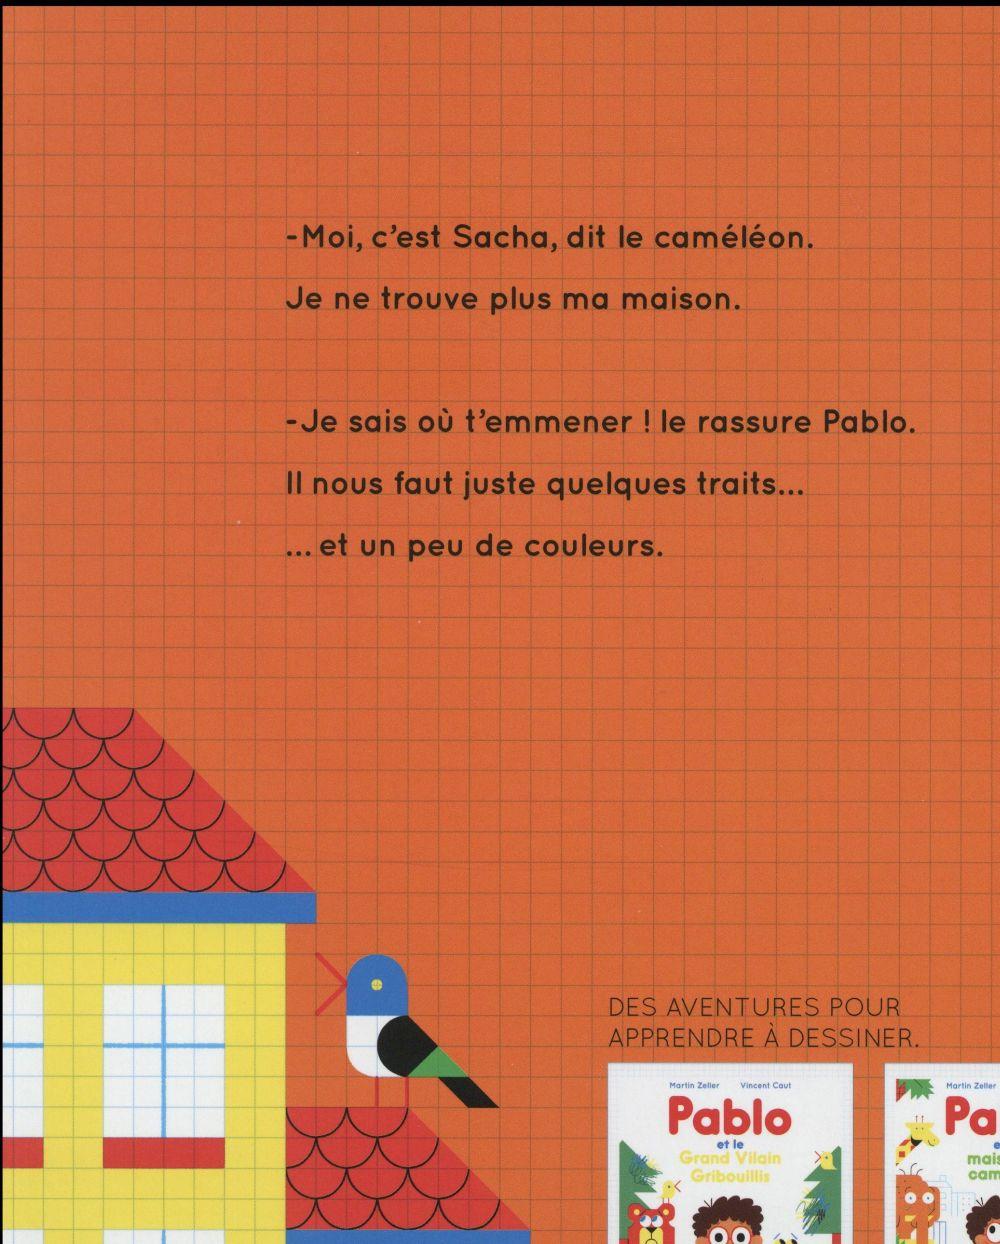 Pablo et la maison du cameleon